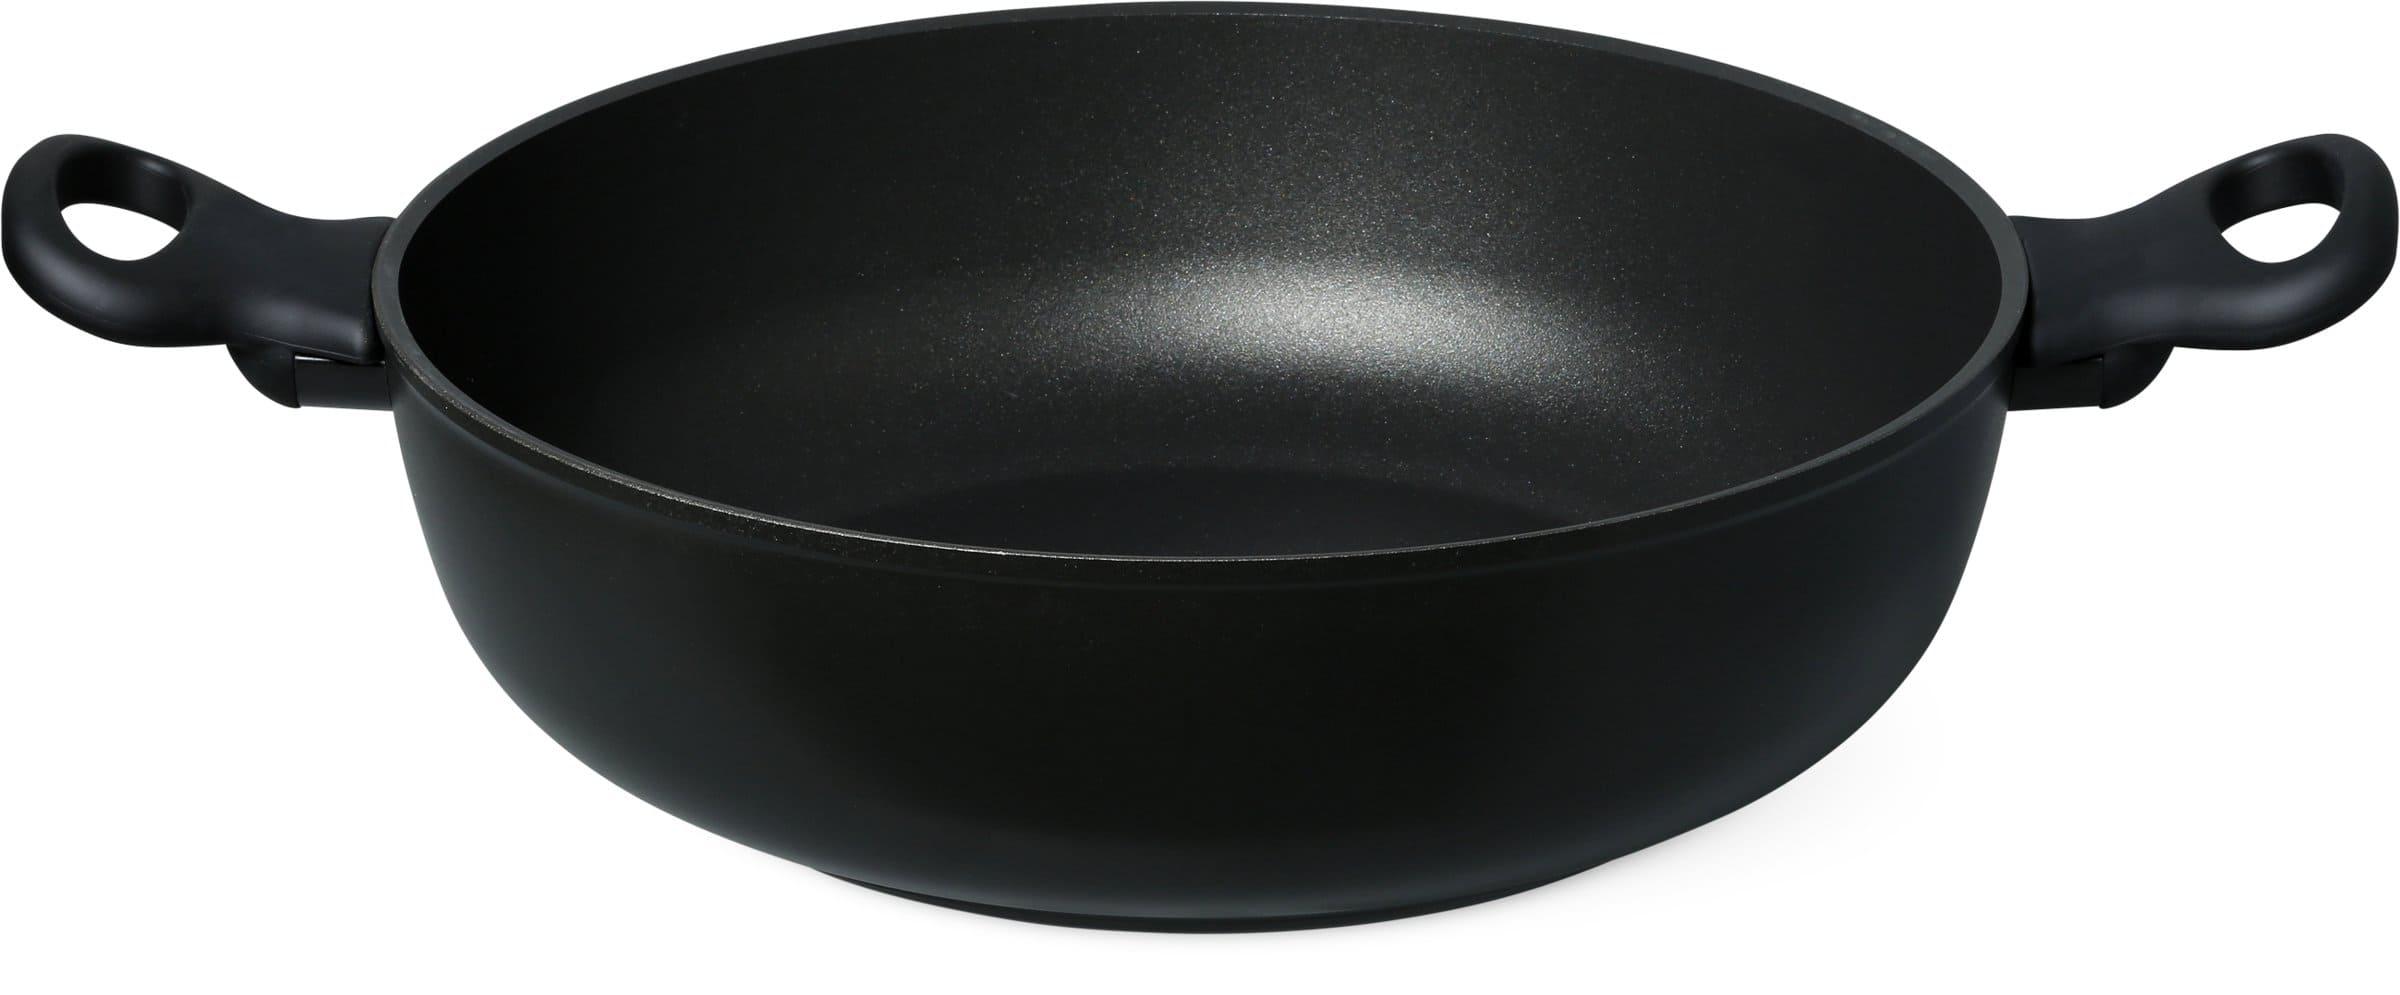 Cucina & Tavola TITAN Bräter